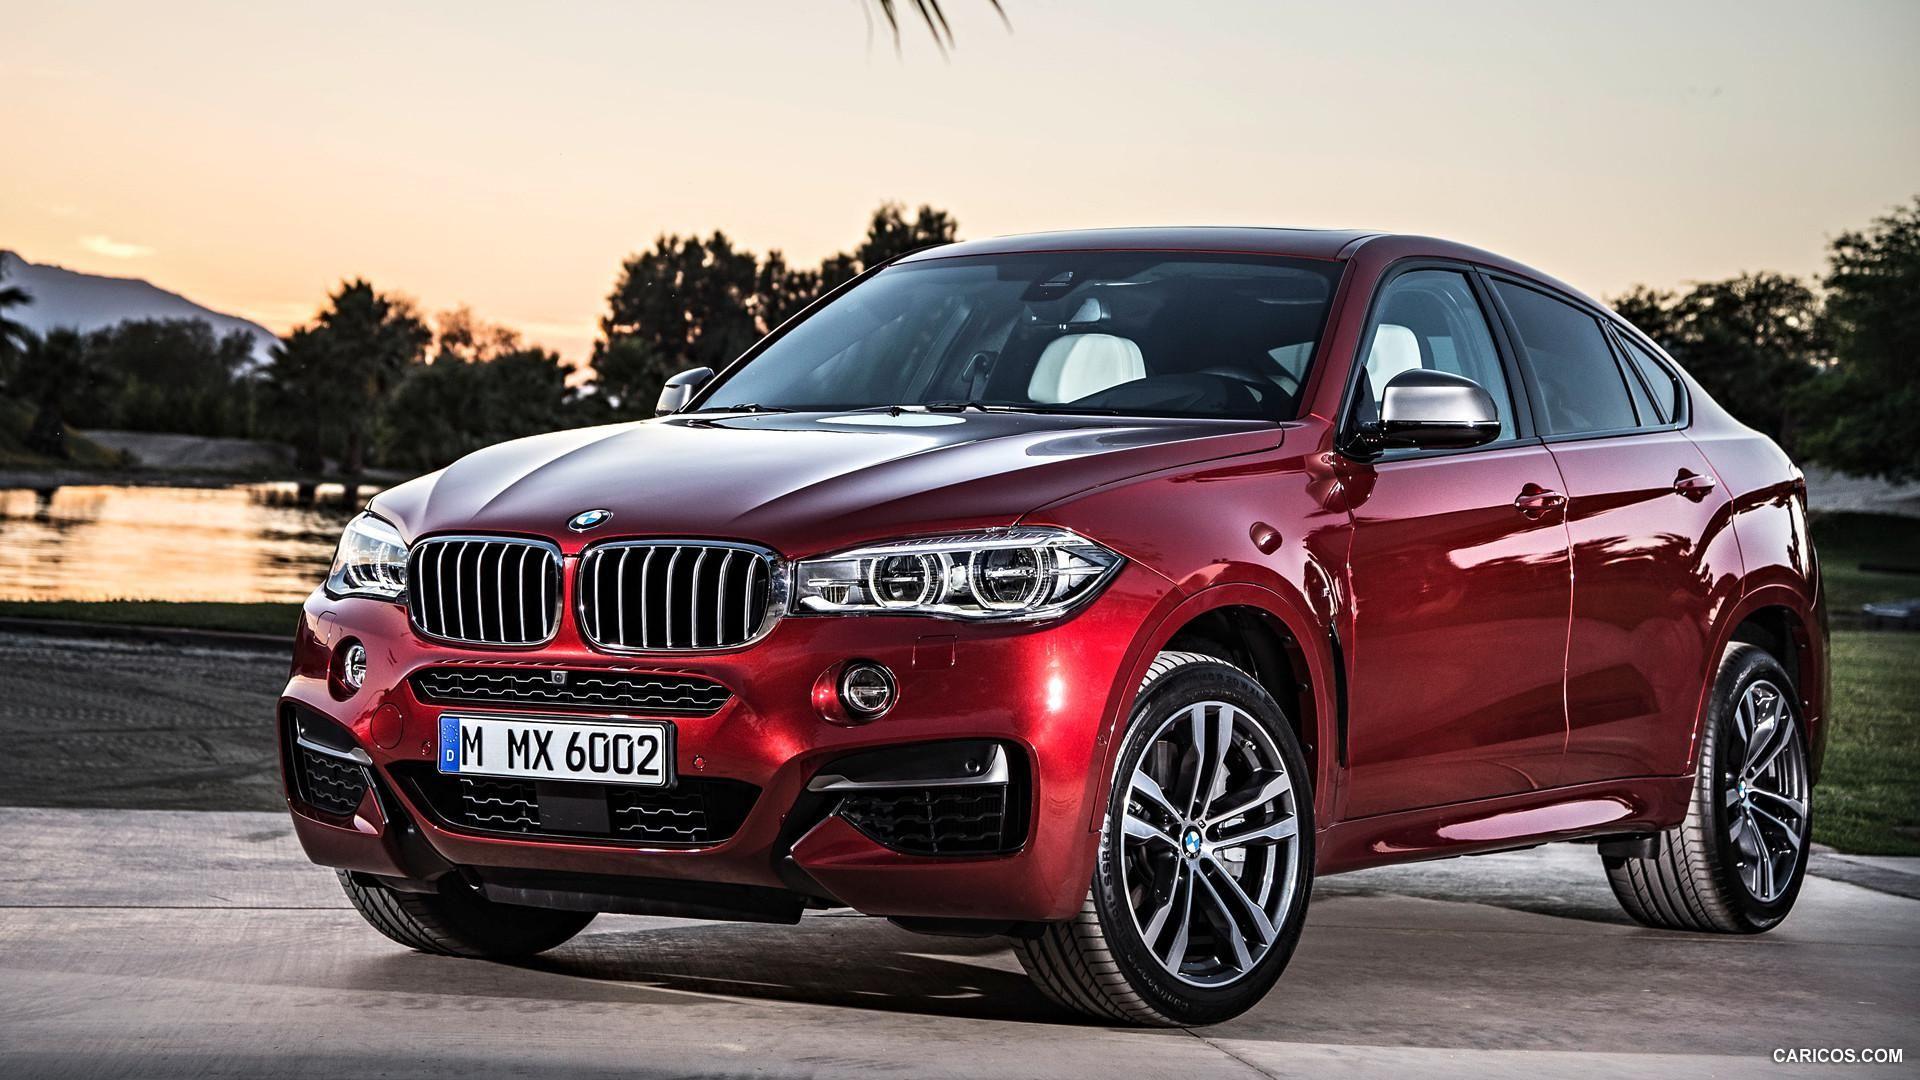 2015 Bmw X6 Red Bmw Pinterest Bmw X6 Bmw And Cars